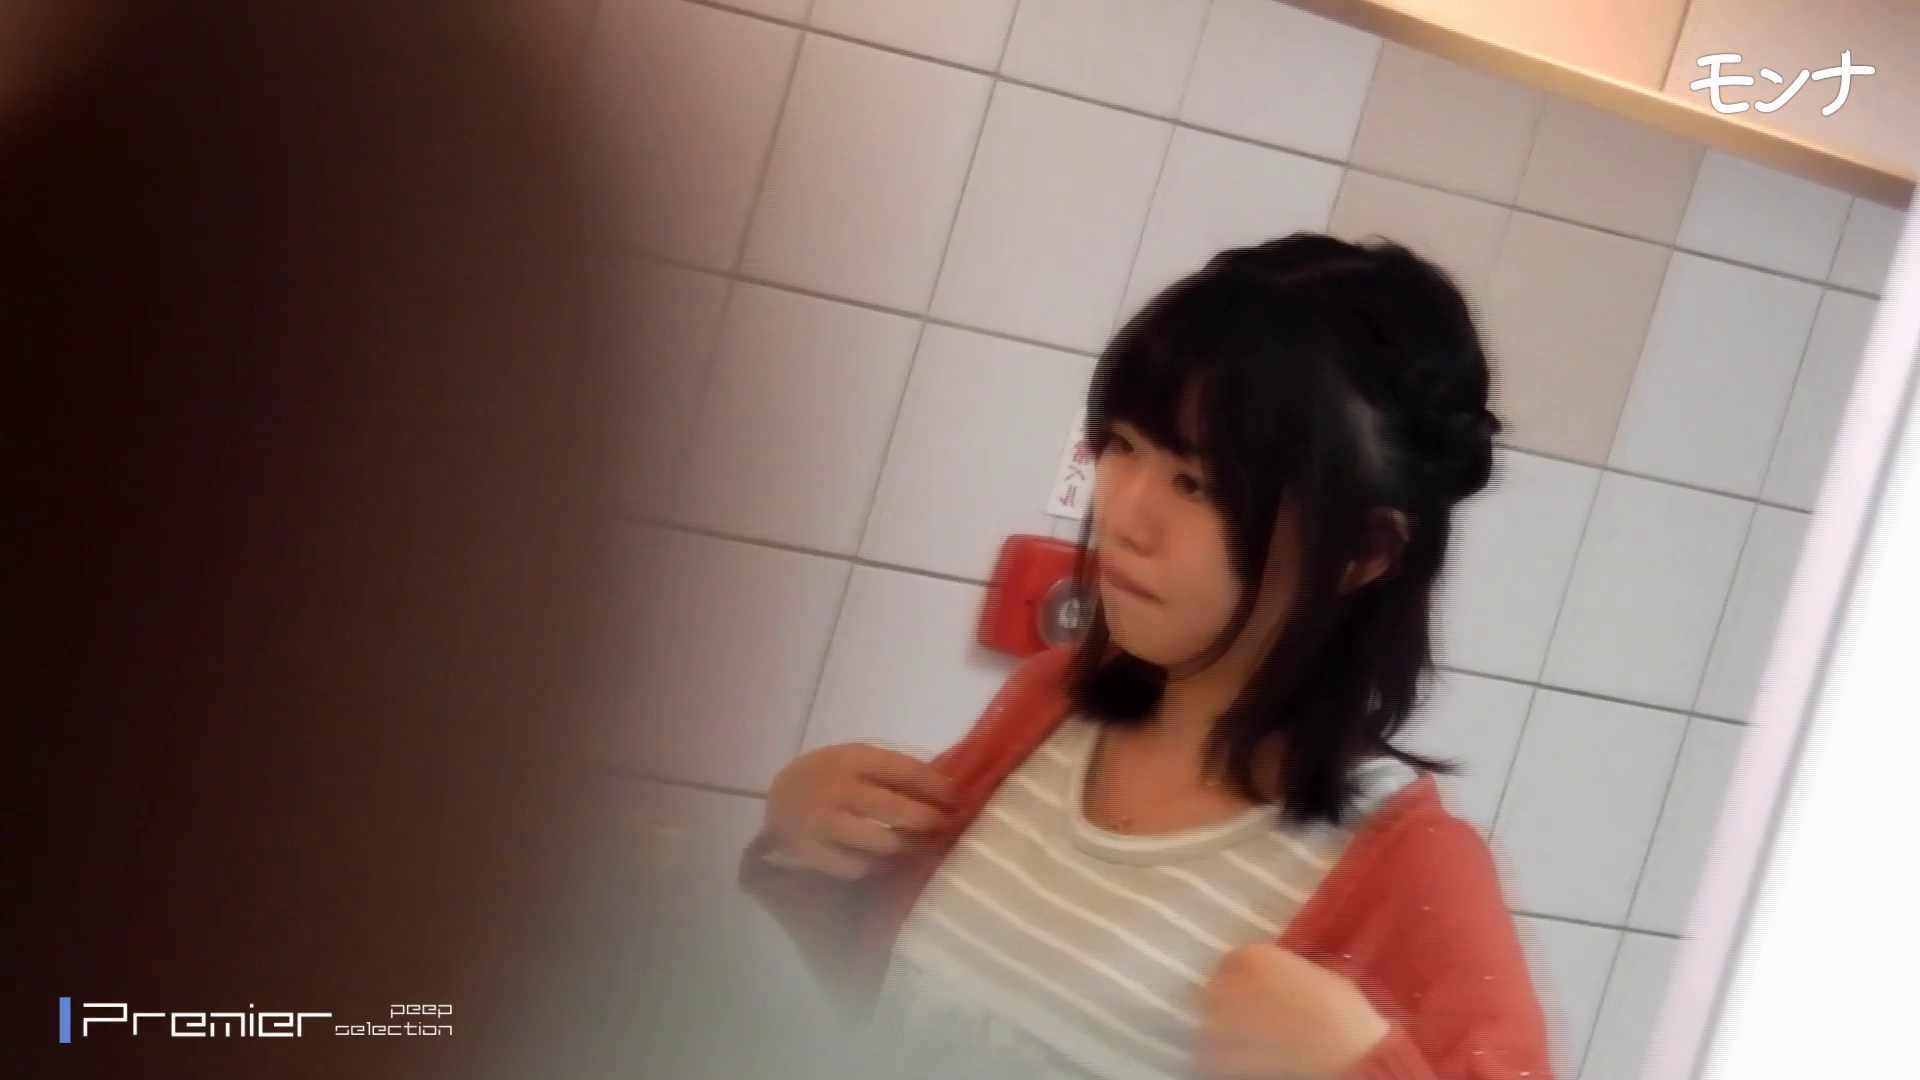 美しい日本の未来 No.58 清楚な顔で、ドロッと大量に!! おまんこ無修正 隠し撮りセックス画像 44pic 29